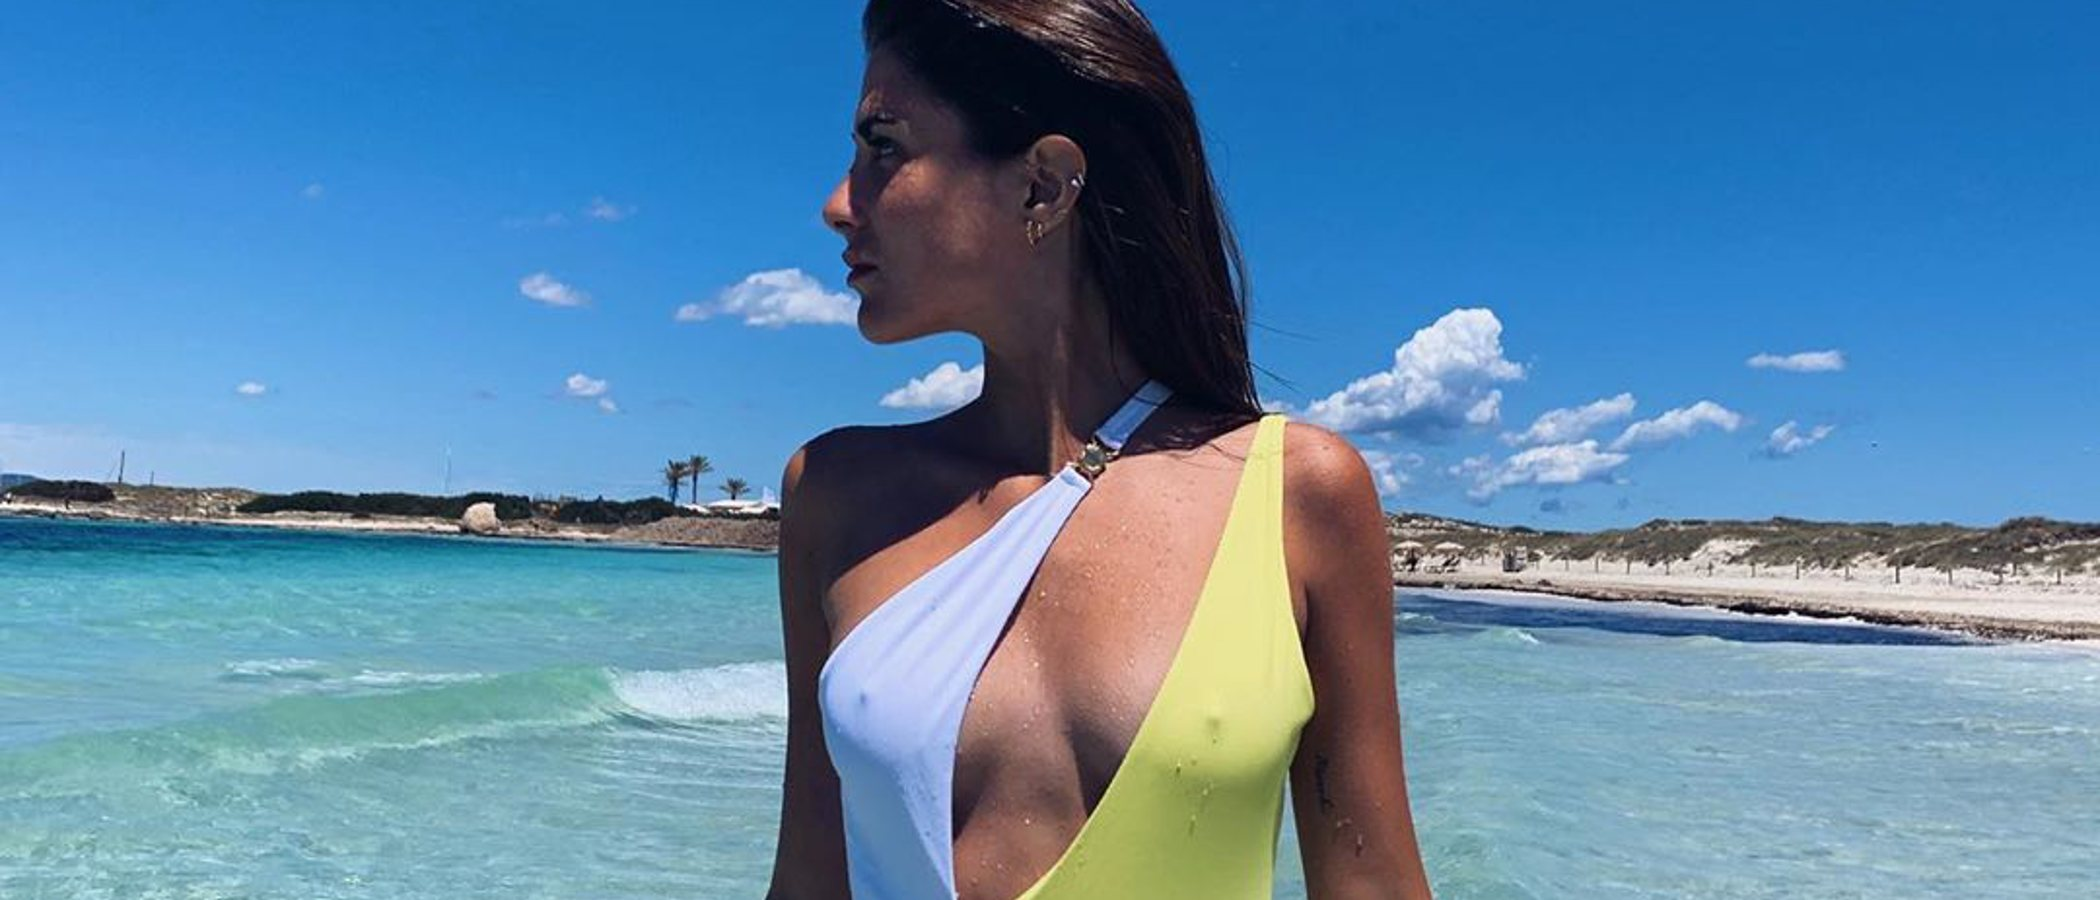 Tendencia del mes: Bikinis y bañadores coloridos y con estampado